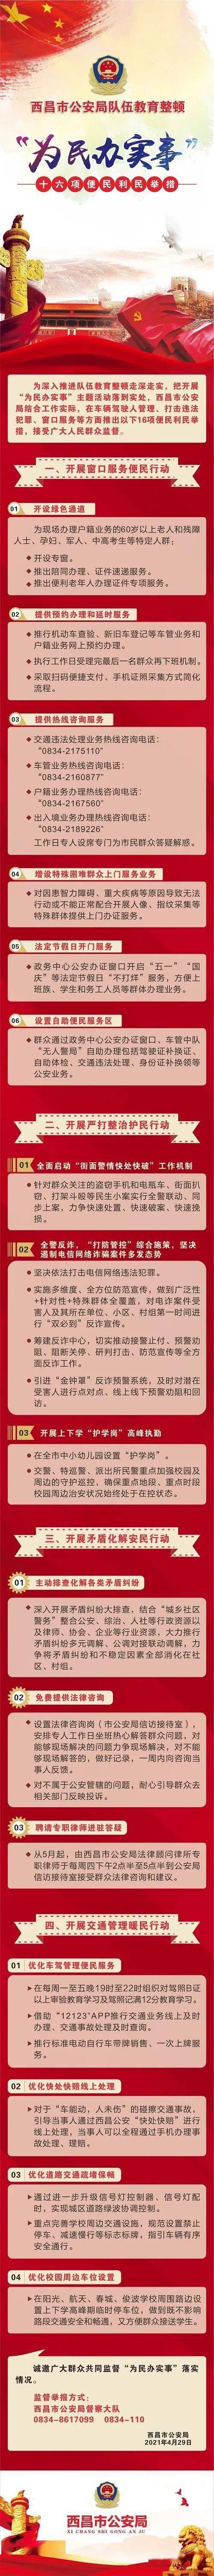 """西昌市公安局组织召开新闻通气会发布""""为民办实事""""十六项举措"""